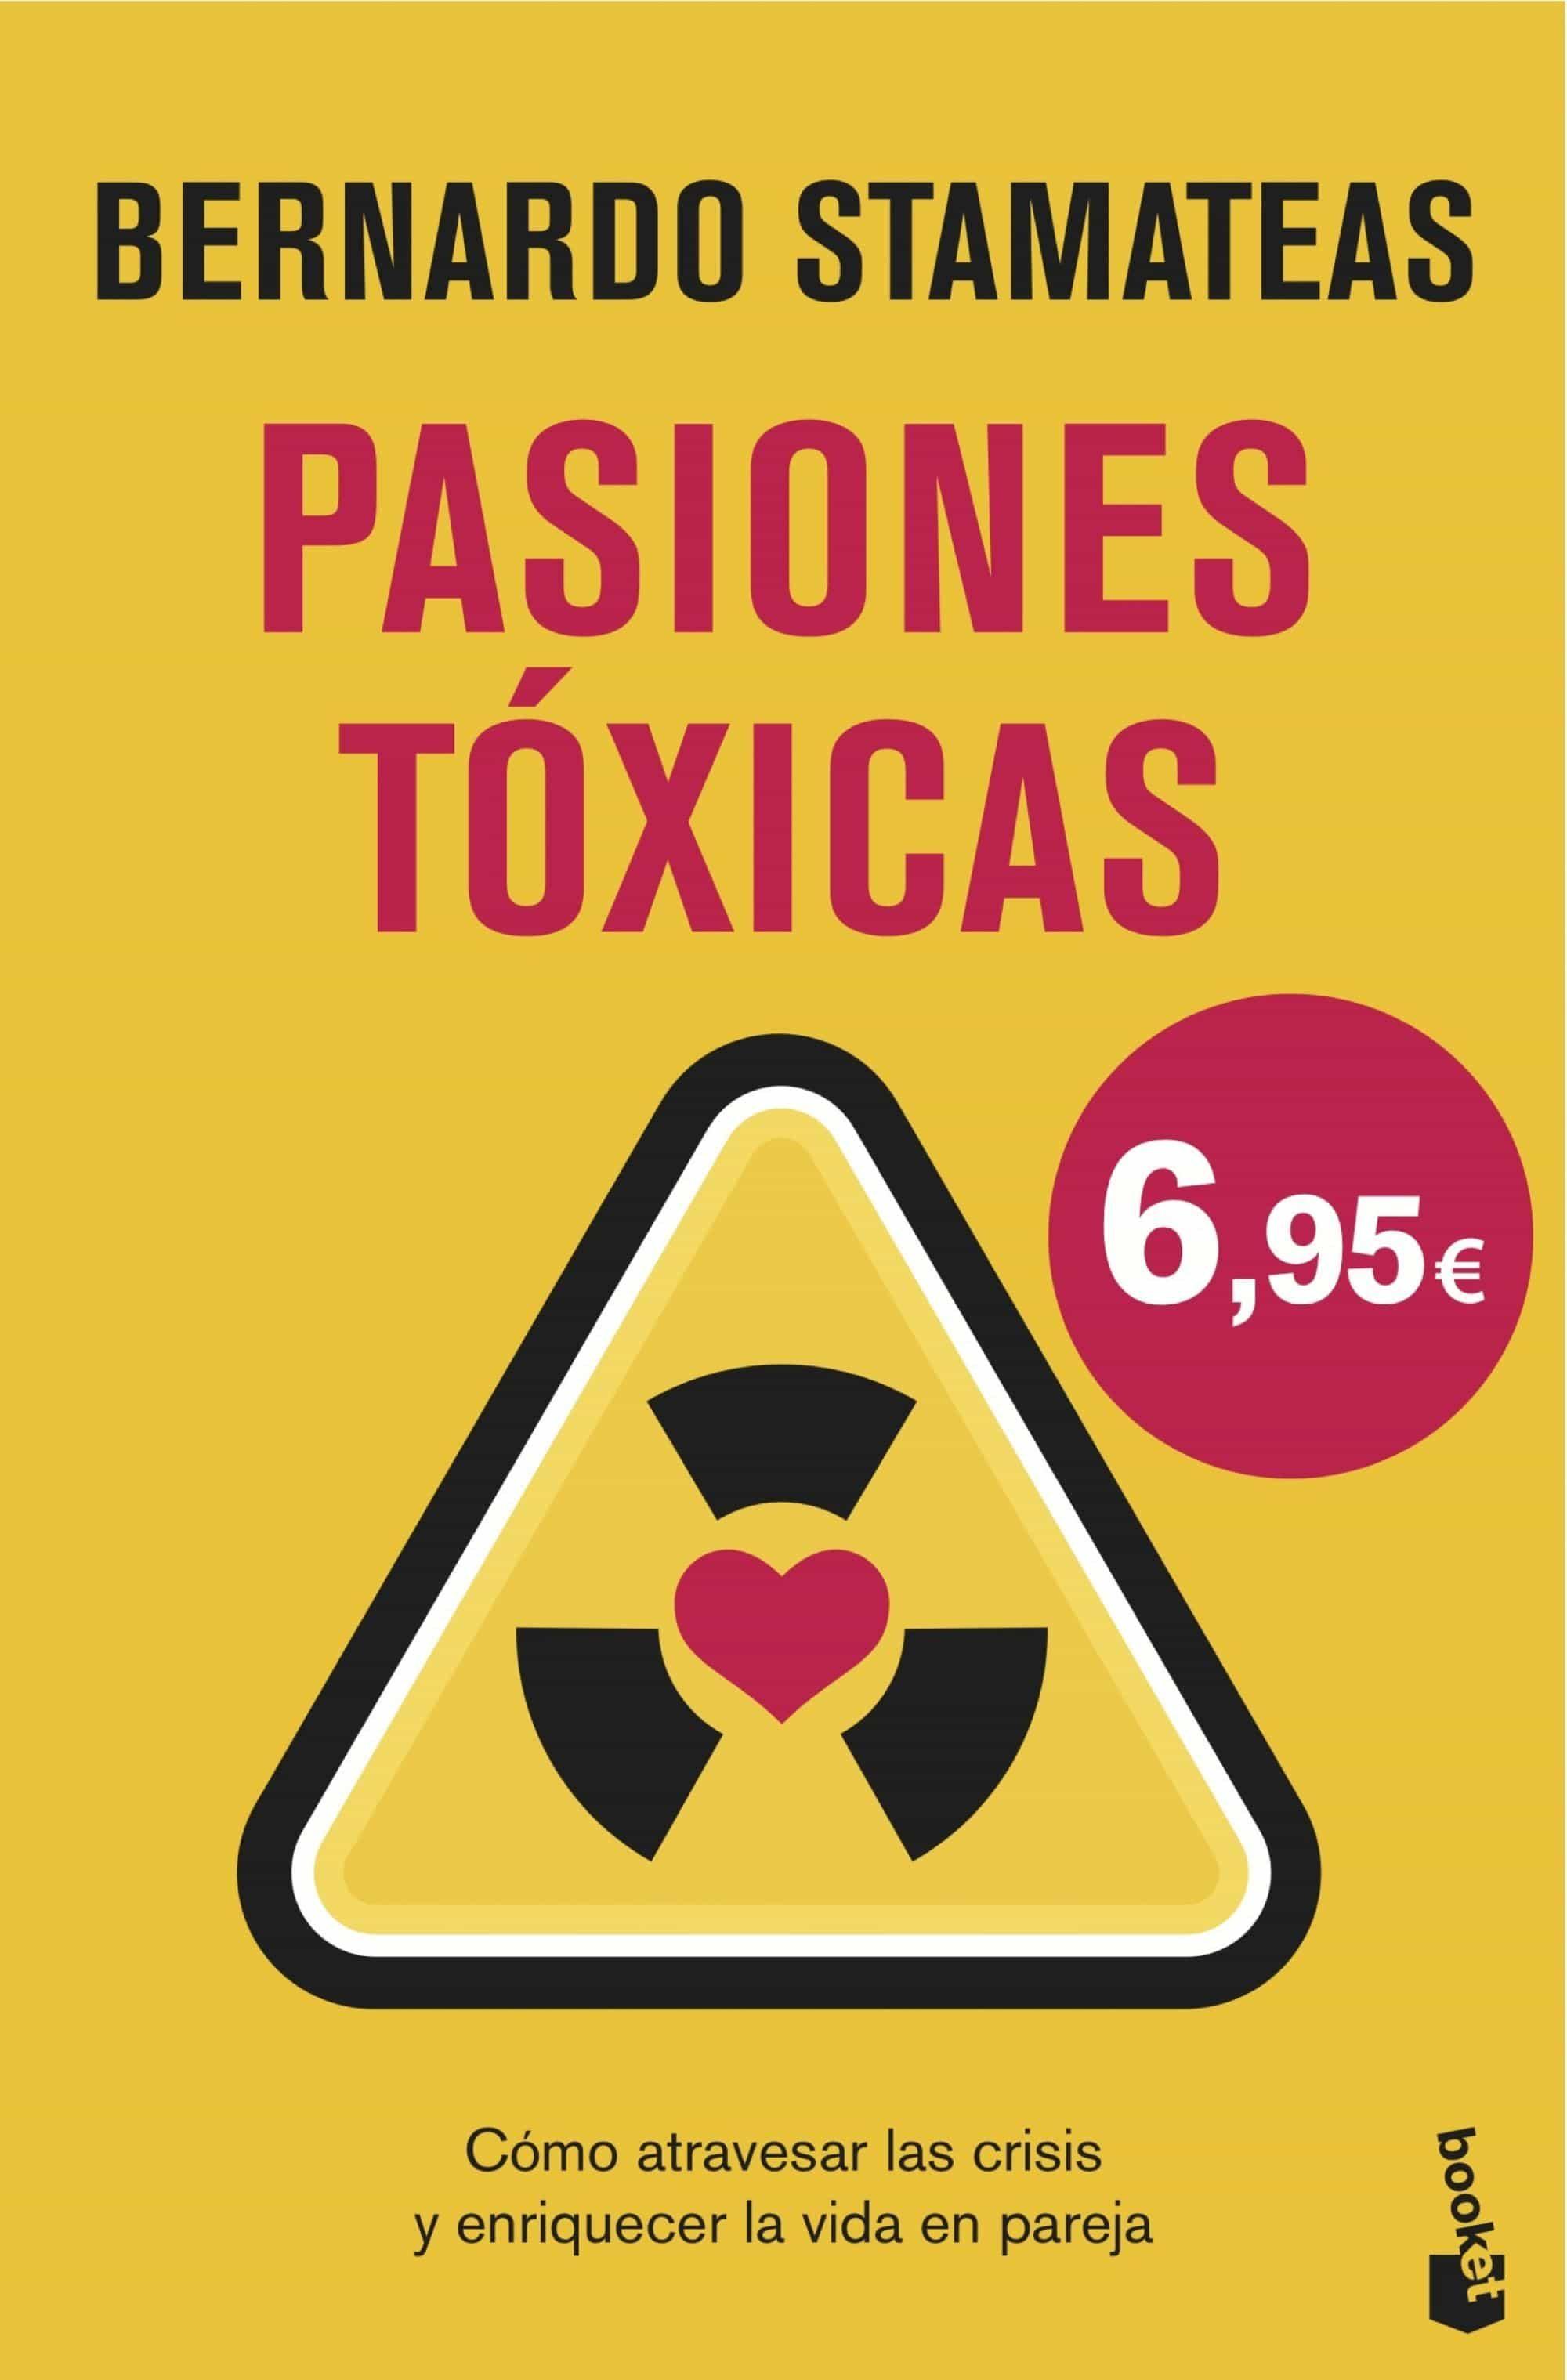 pasiones tóxicas-bernardo stamateas-9788408146551